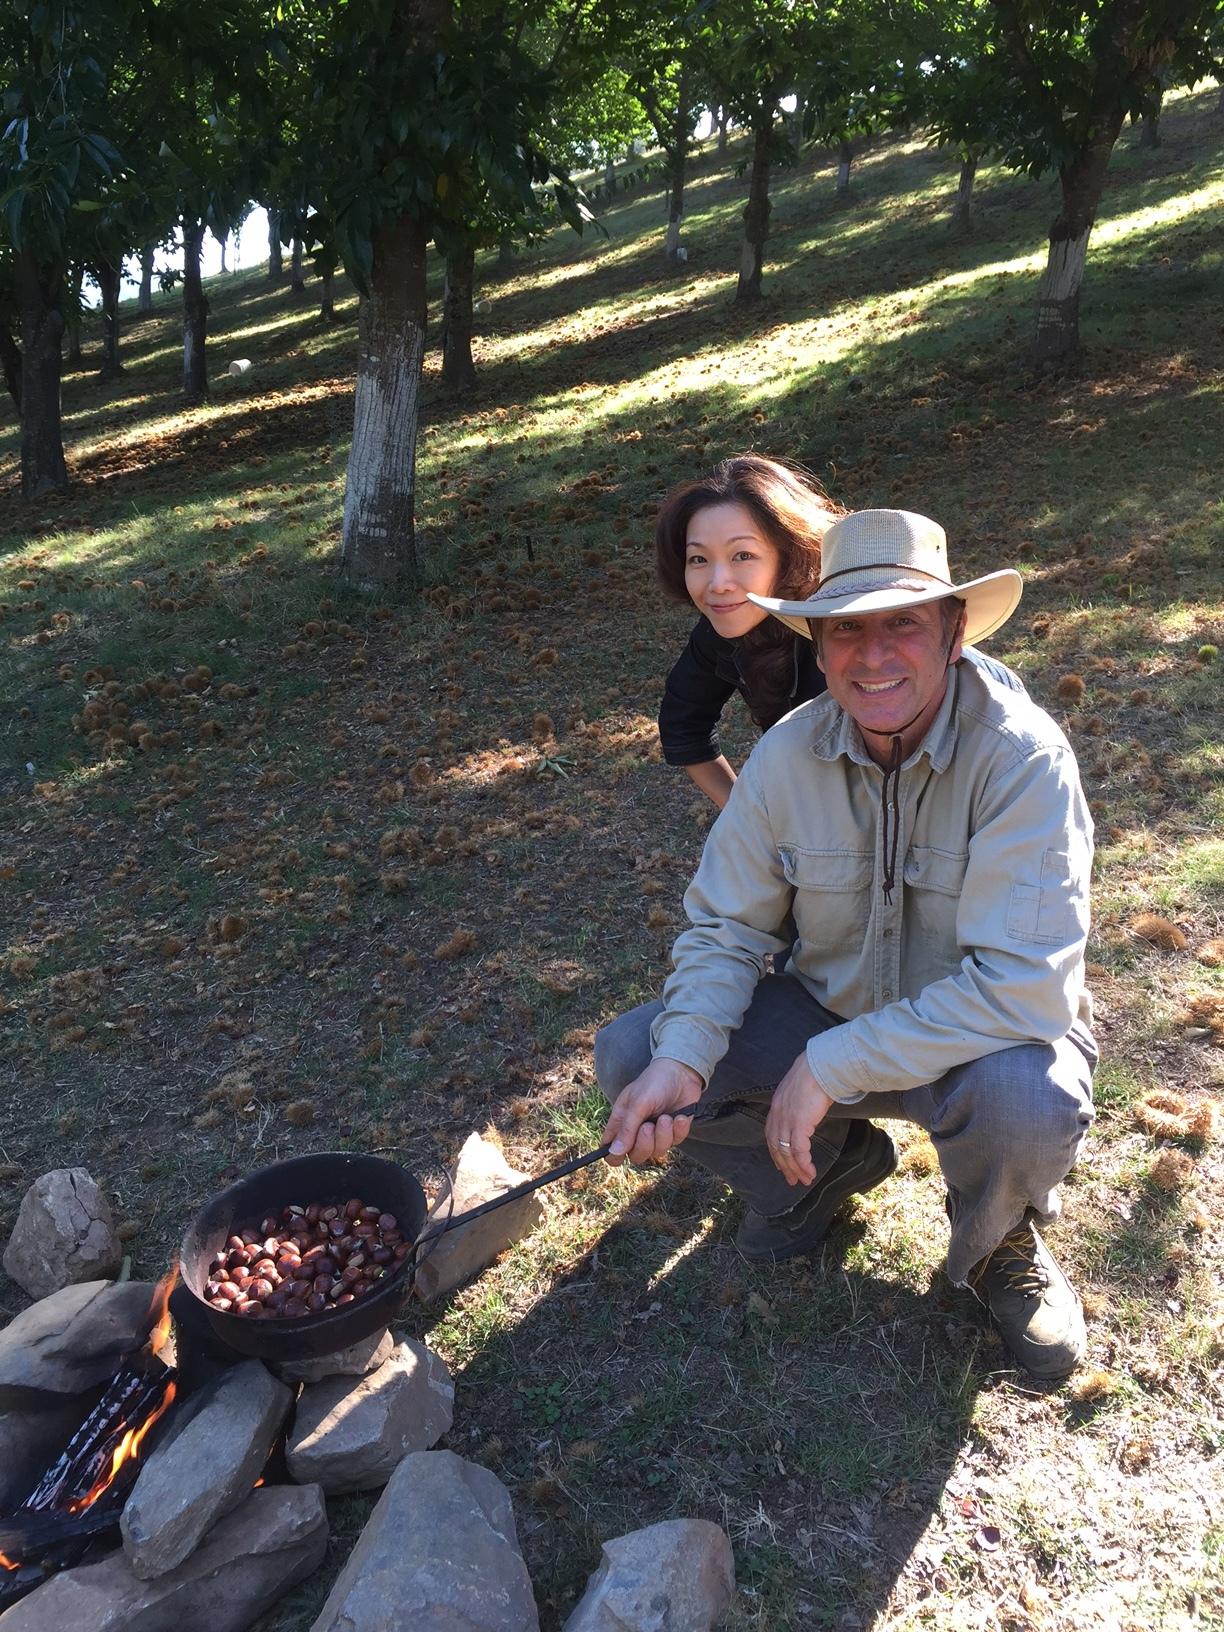 Visit My Farm Australia - La Castarea, Eurobin VICTORIA